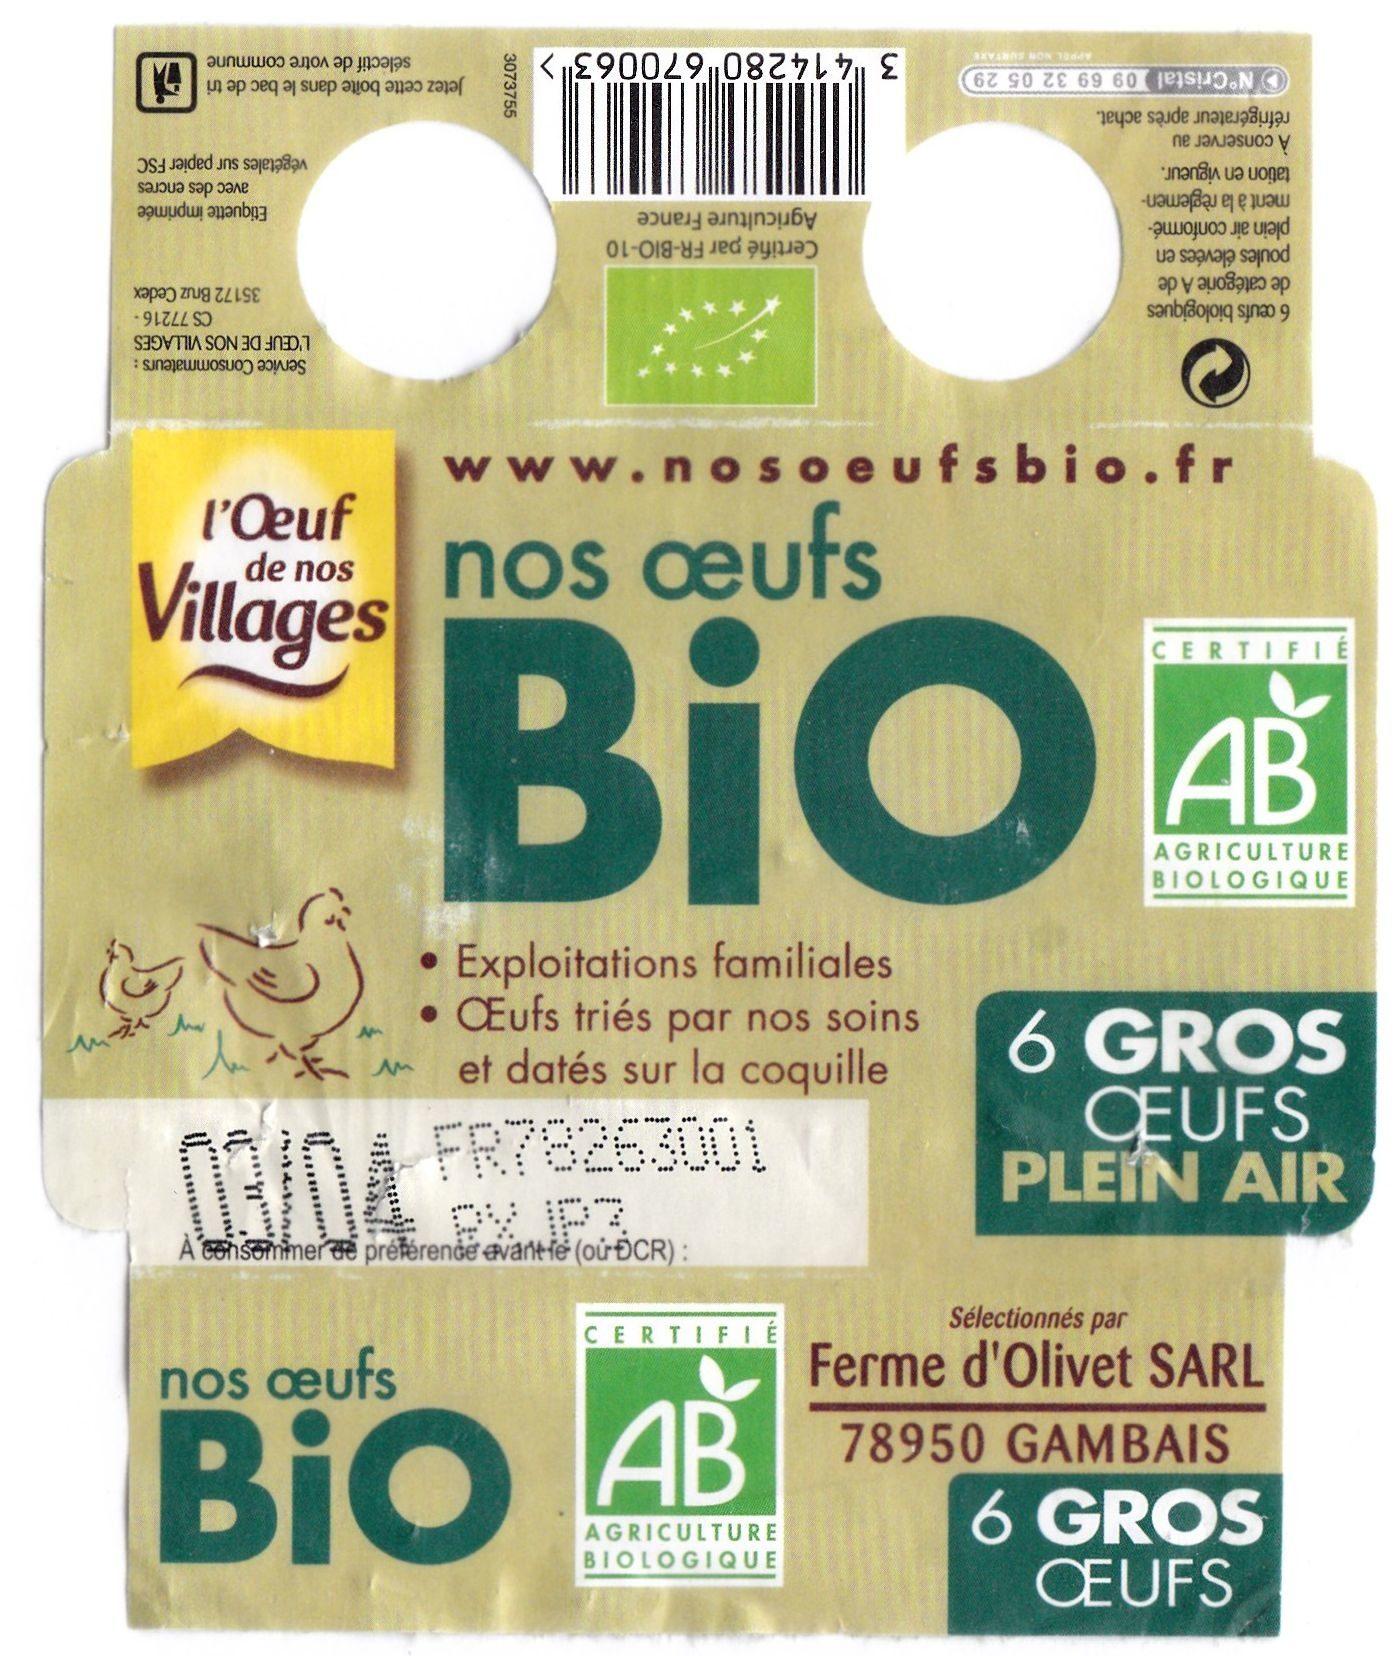 6 Gros œufs plein air Bio - Produit - fr